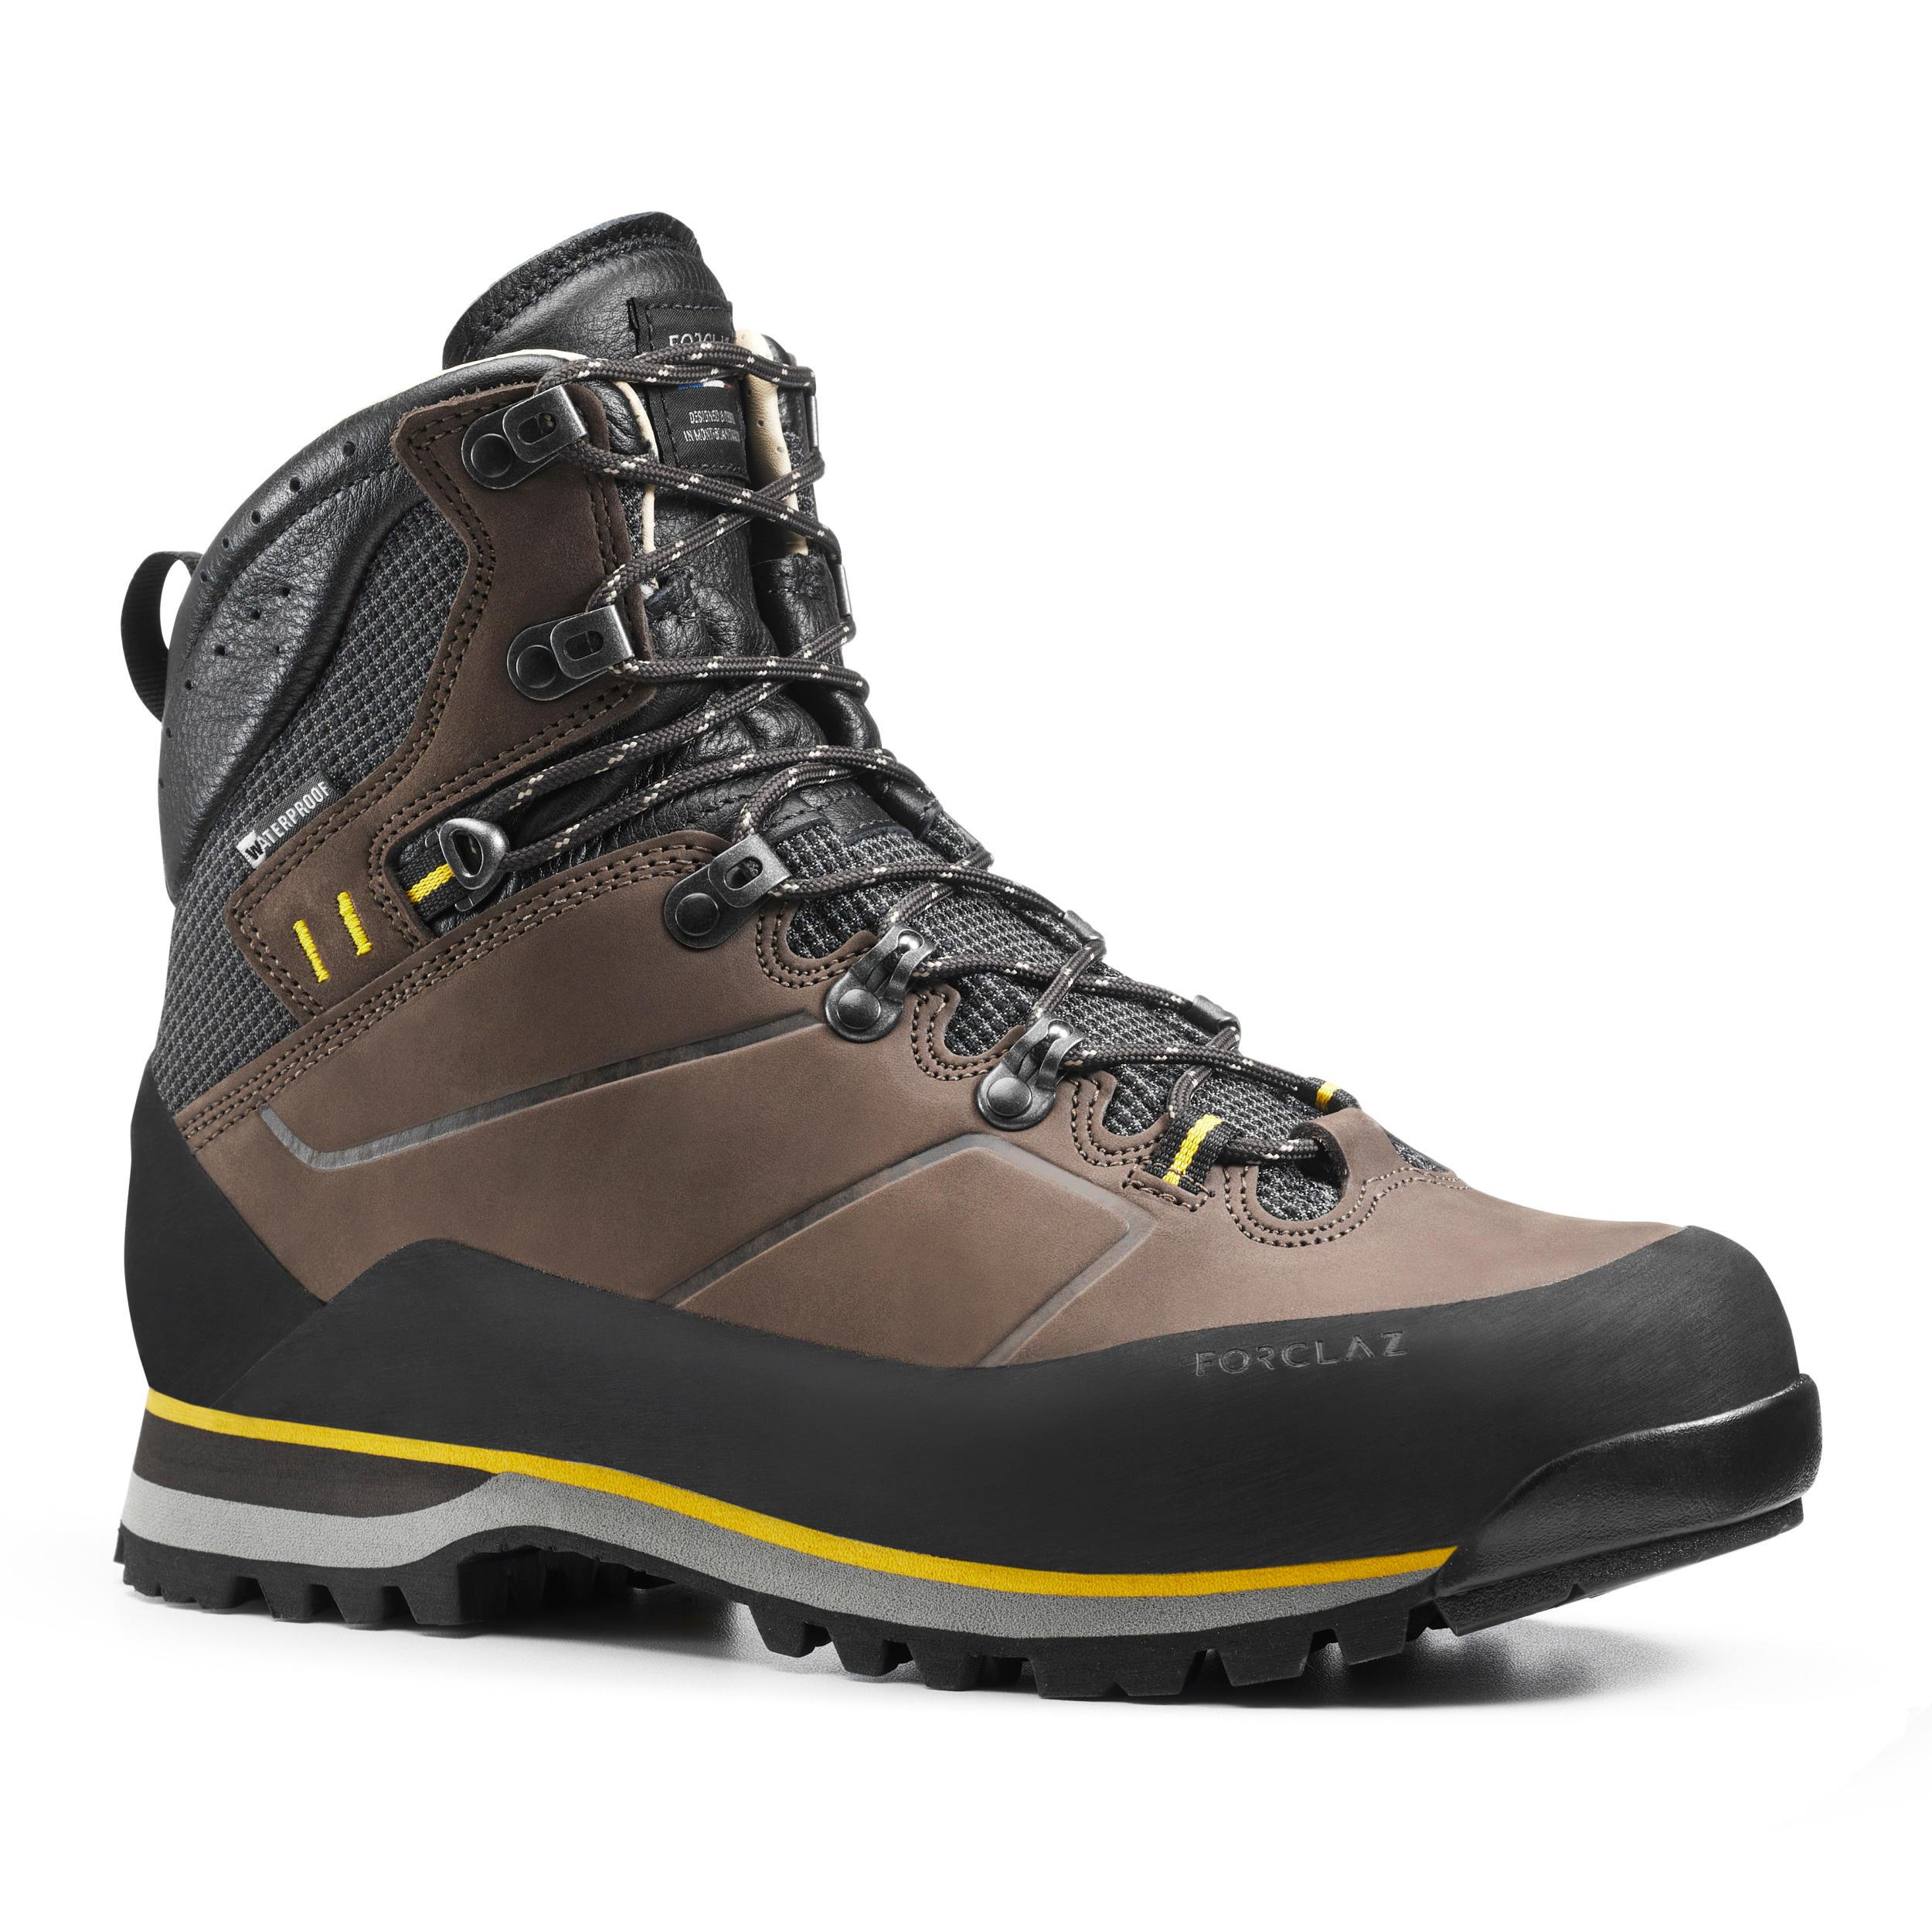 Men+s+Trekking+Boots+TREK900+V2